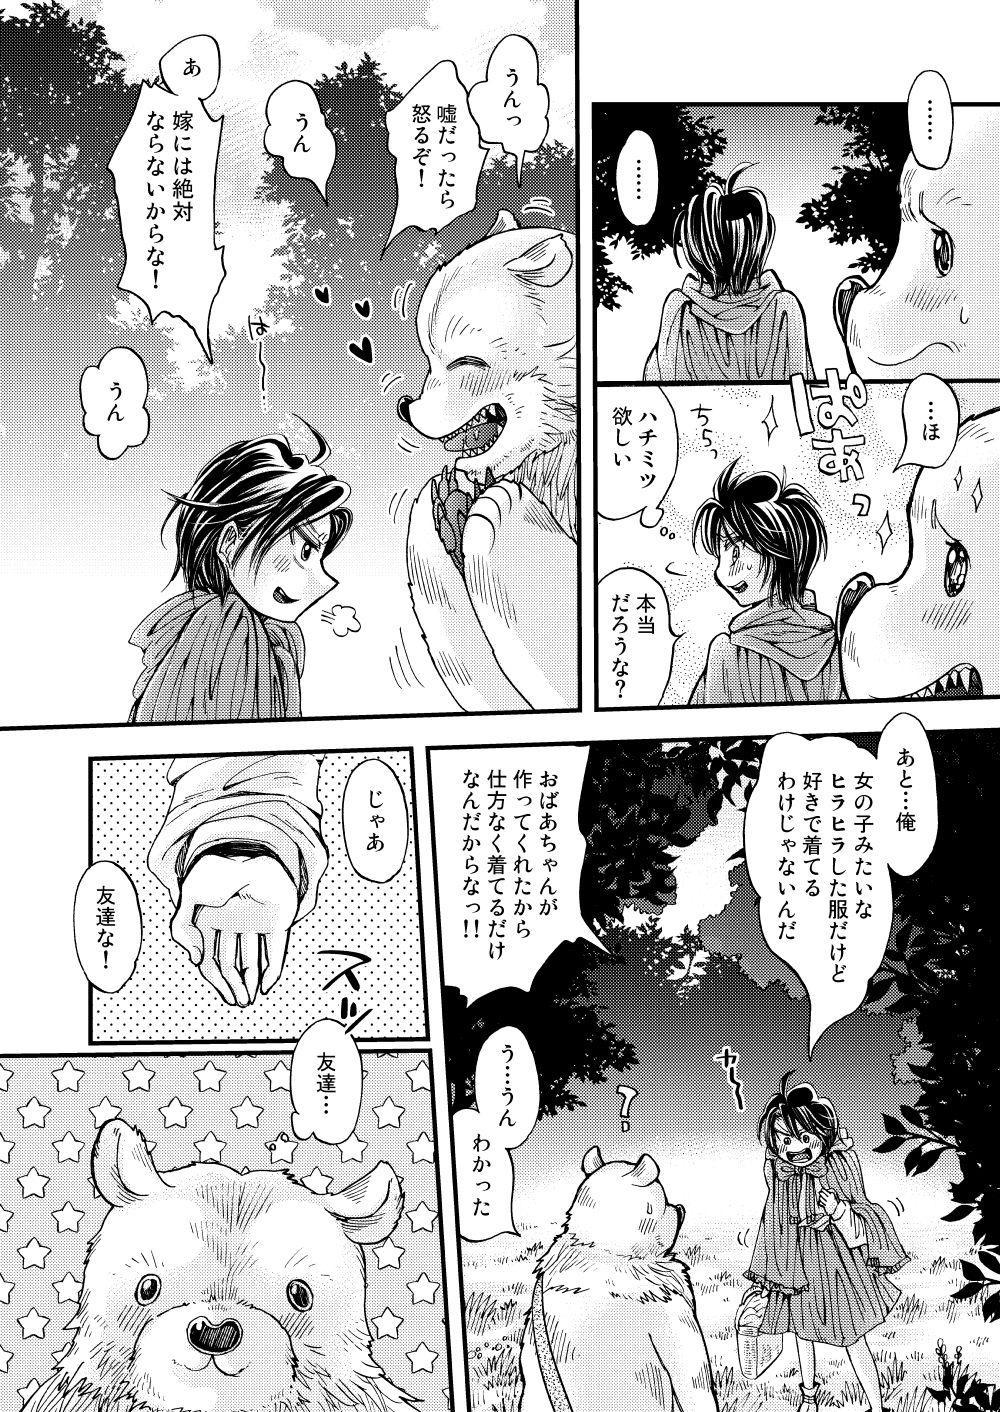 Mori no Kuma-san ni Aisare Sugite Mofu Mofu 15